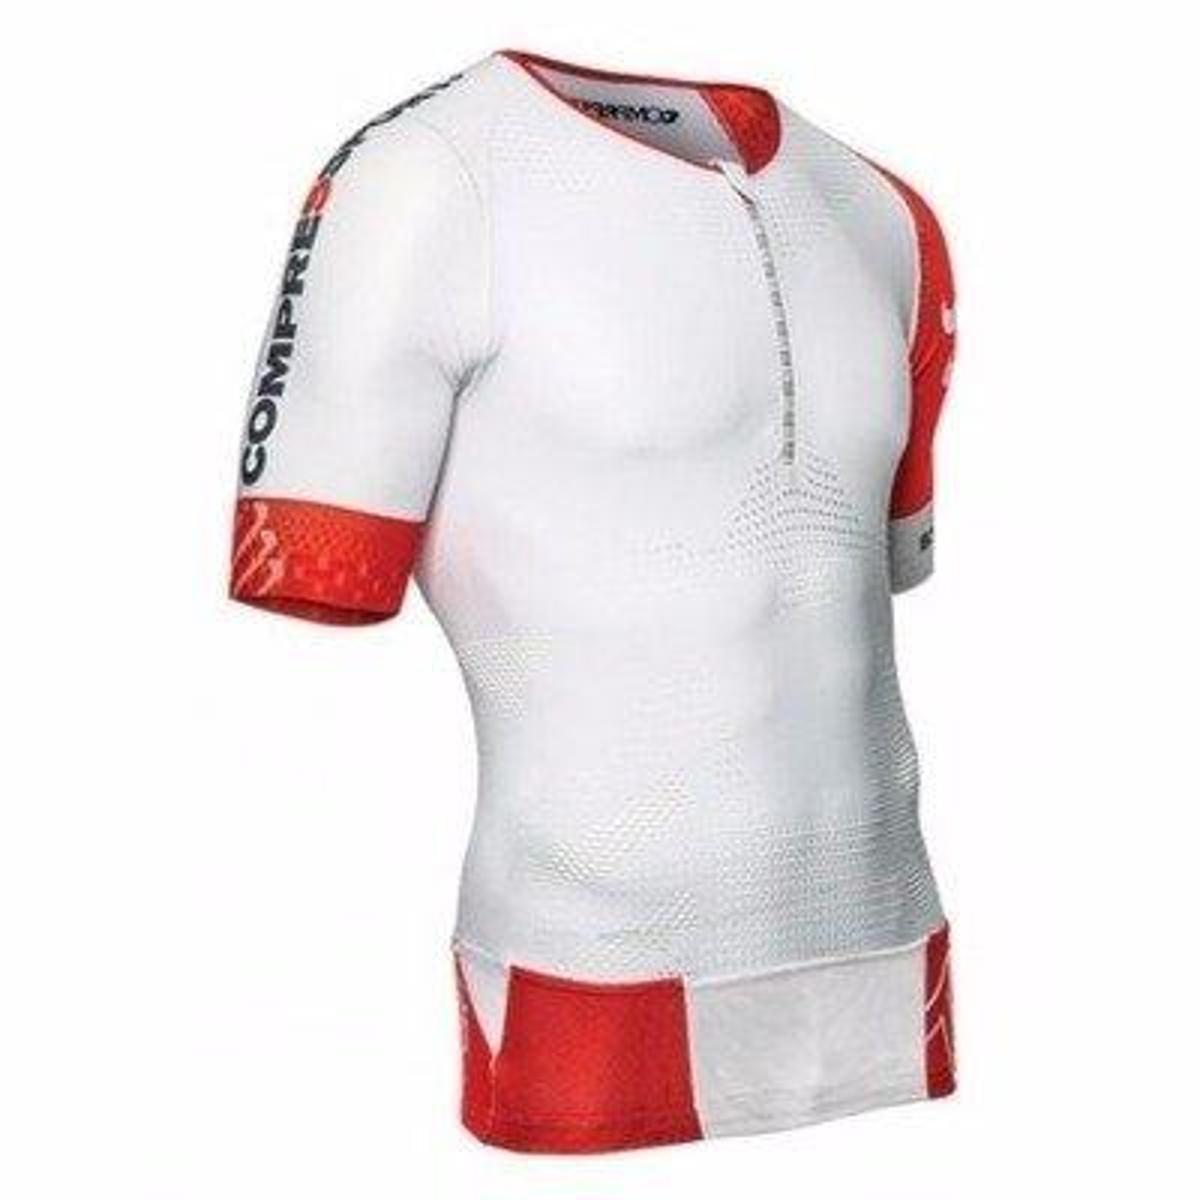 de Camisa Triathlon Compressão Camisa de Compressport Branco TR3 qZBBHEwT